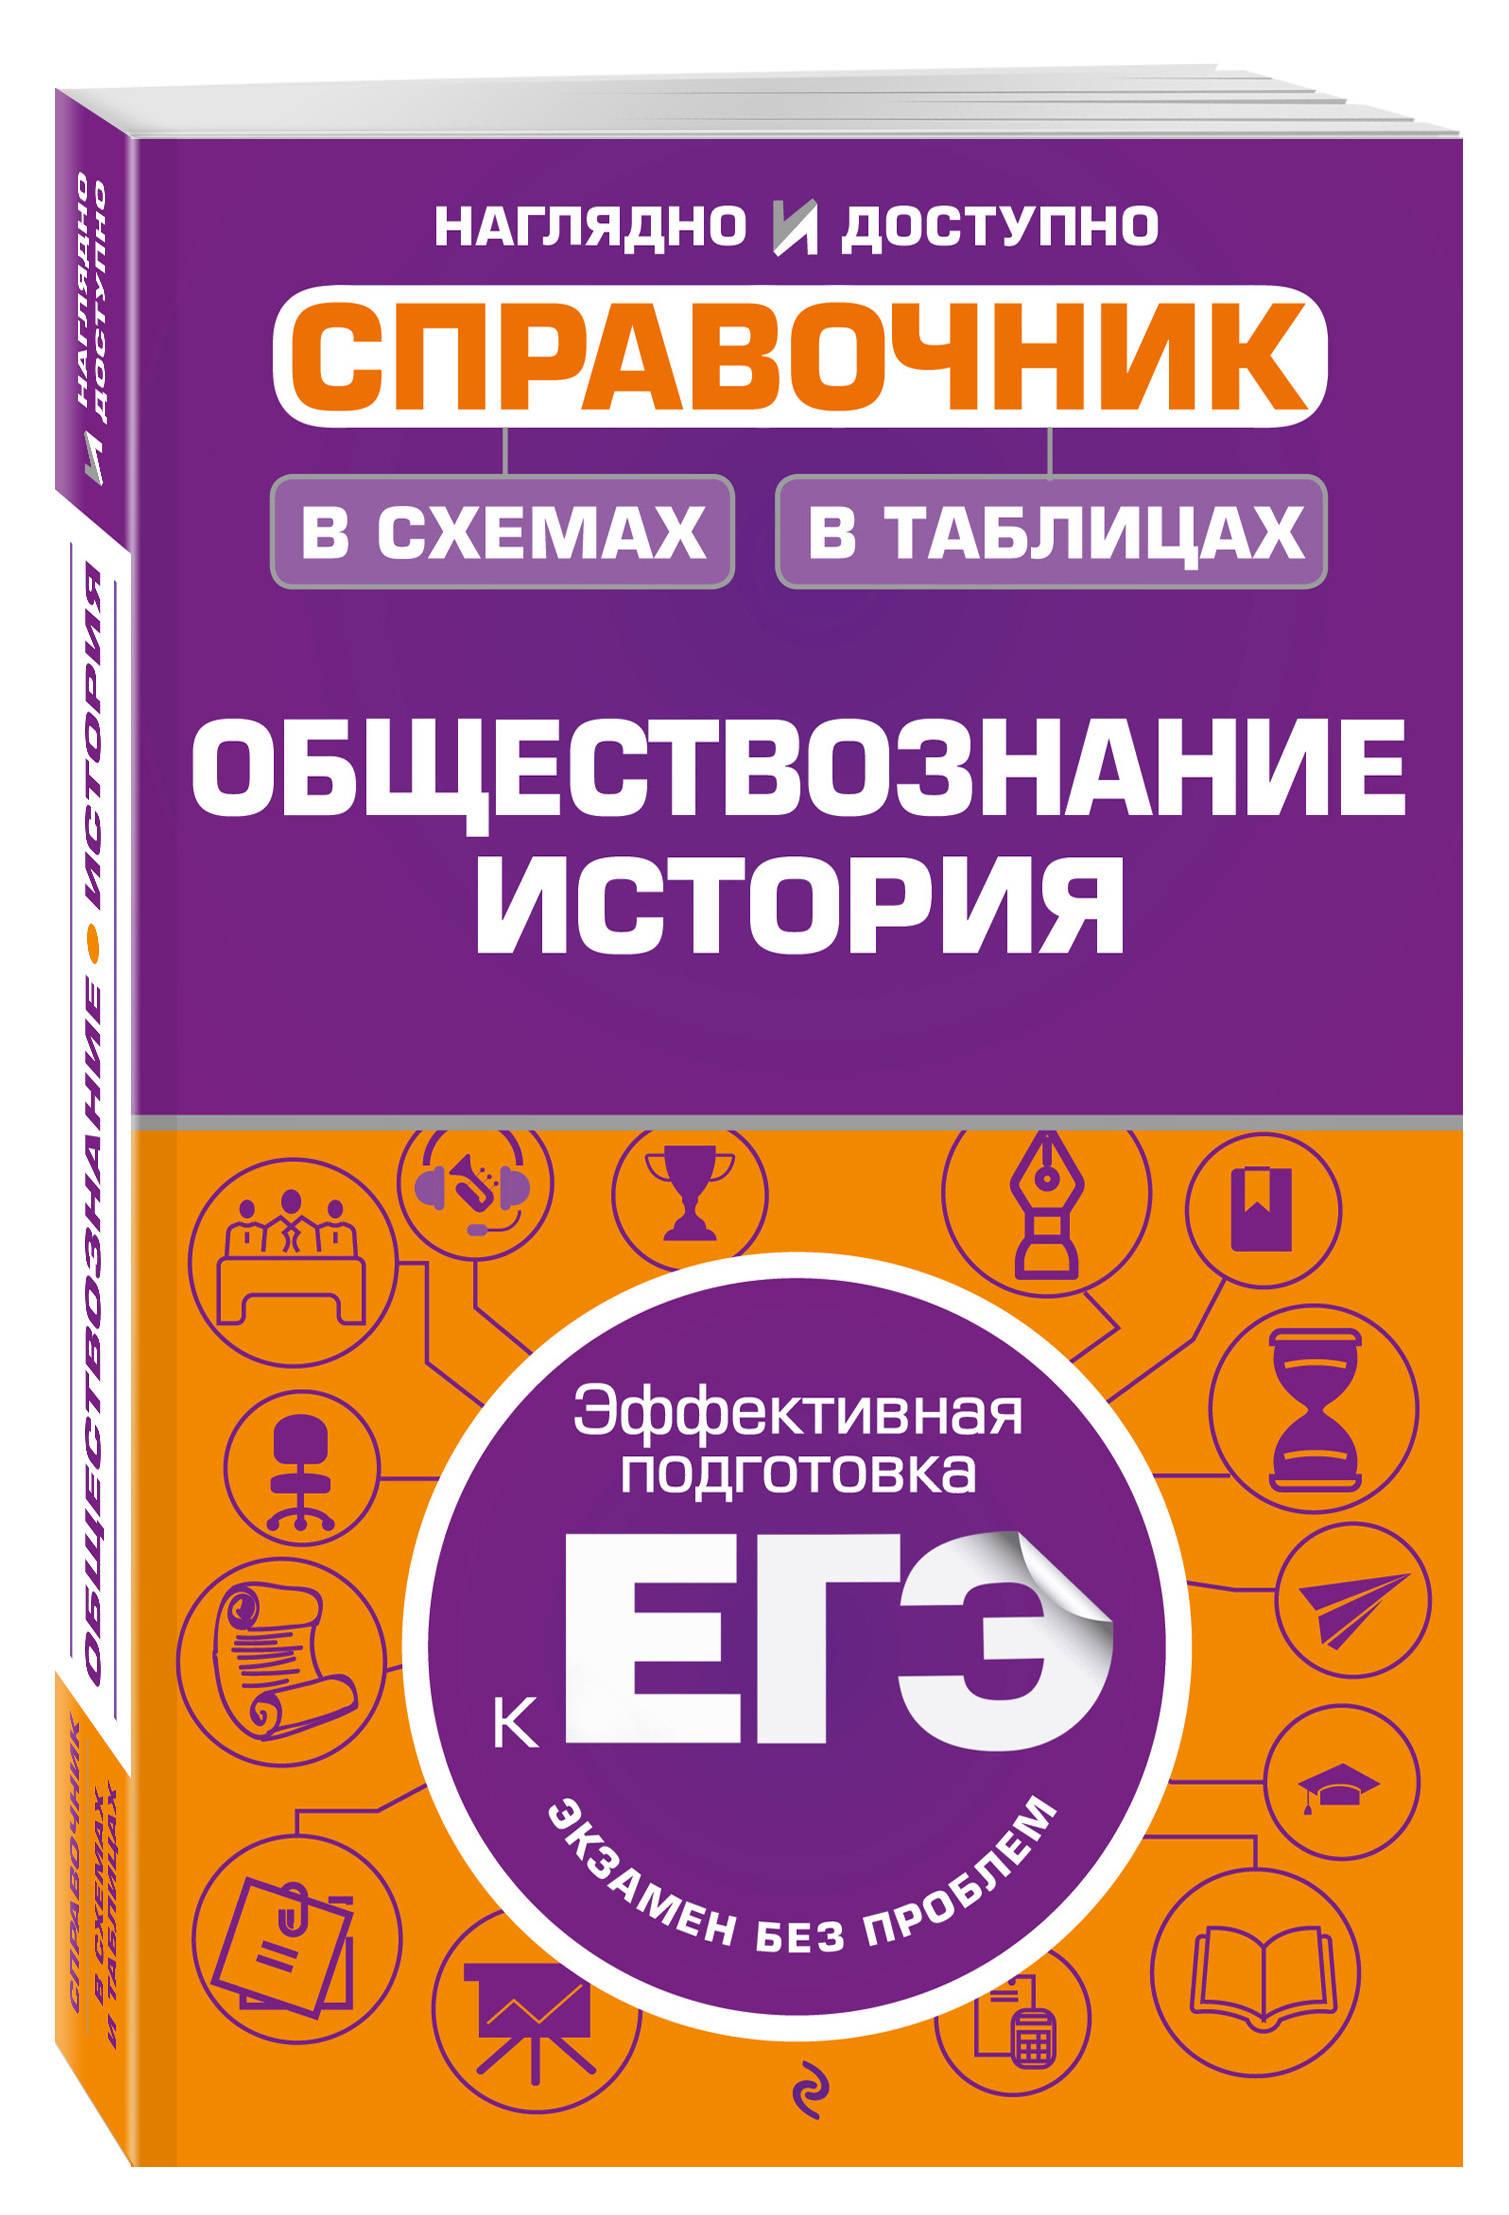 Справочник в схемах и таблицах: обществознание, история от book24.ru